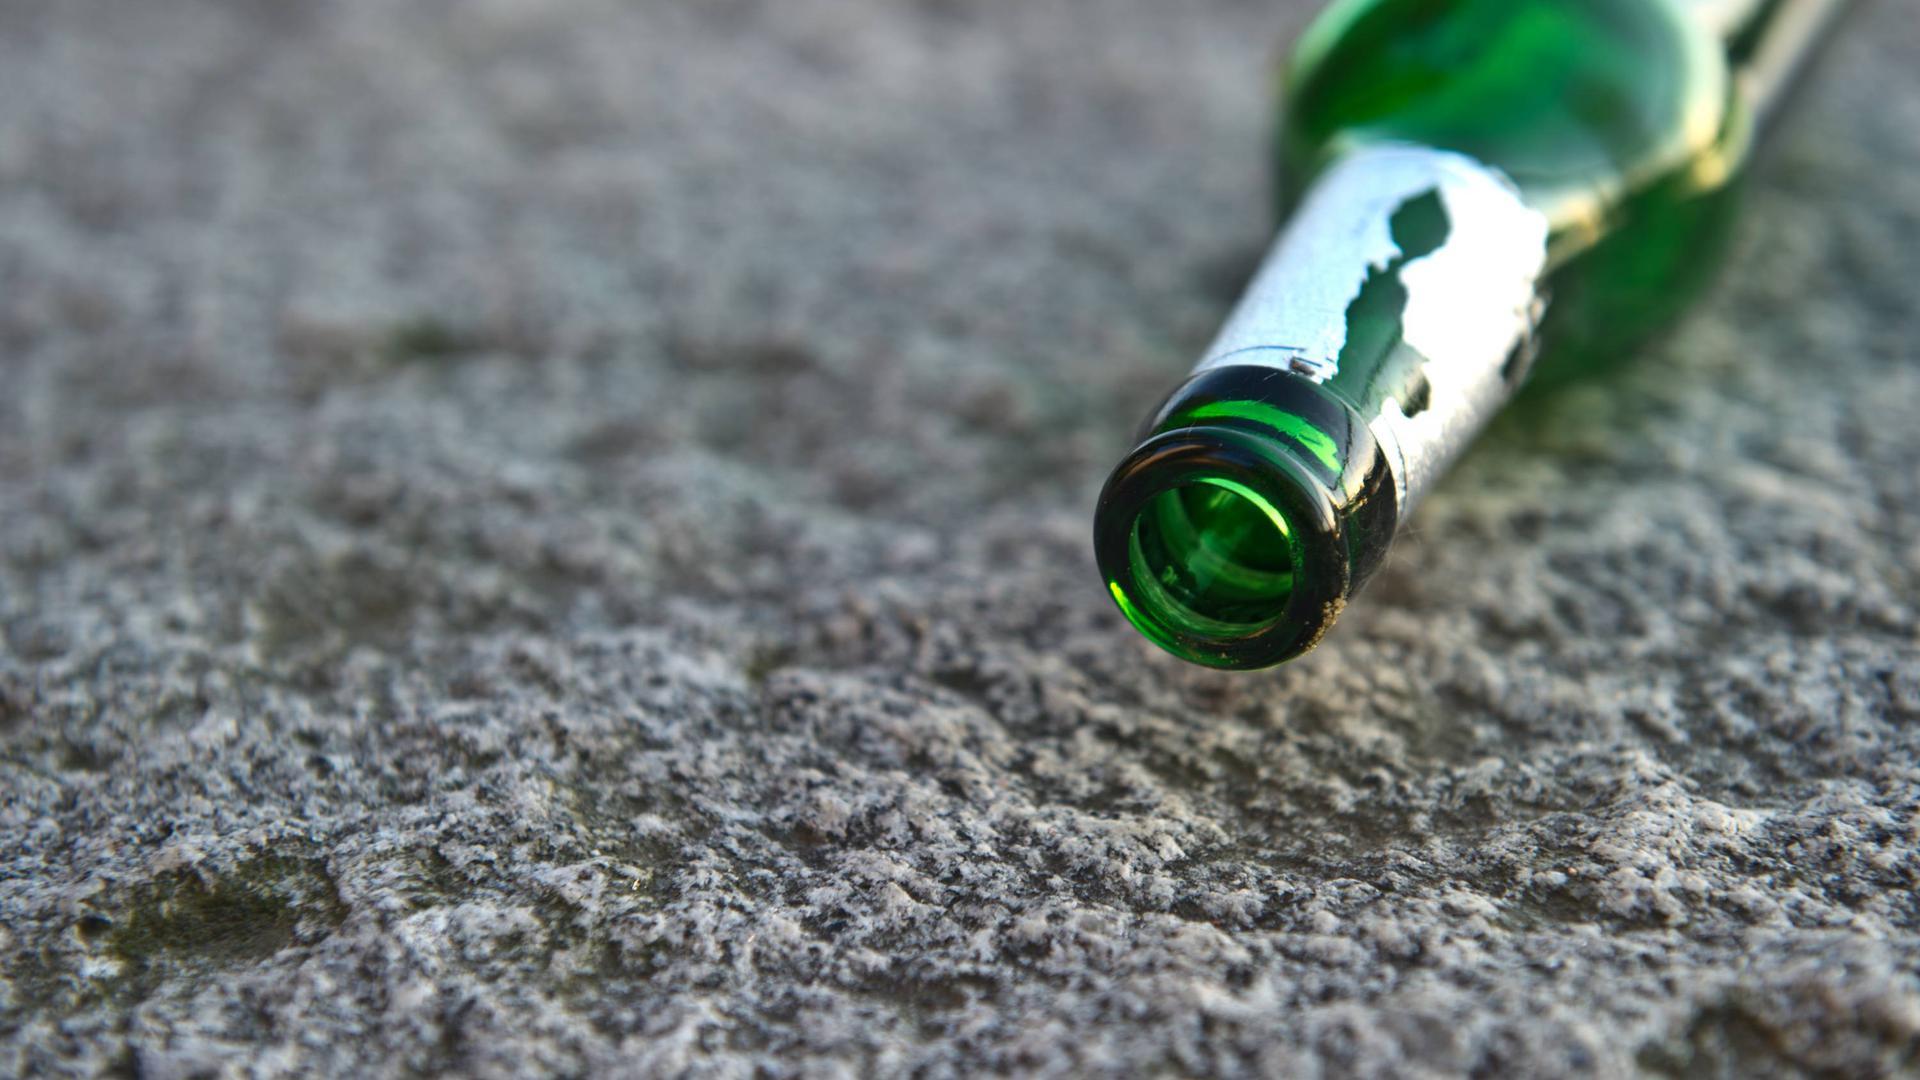 Eine Bierflasche liegt auf einer Steinbank.